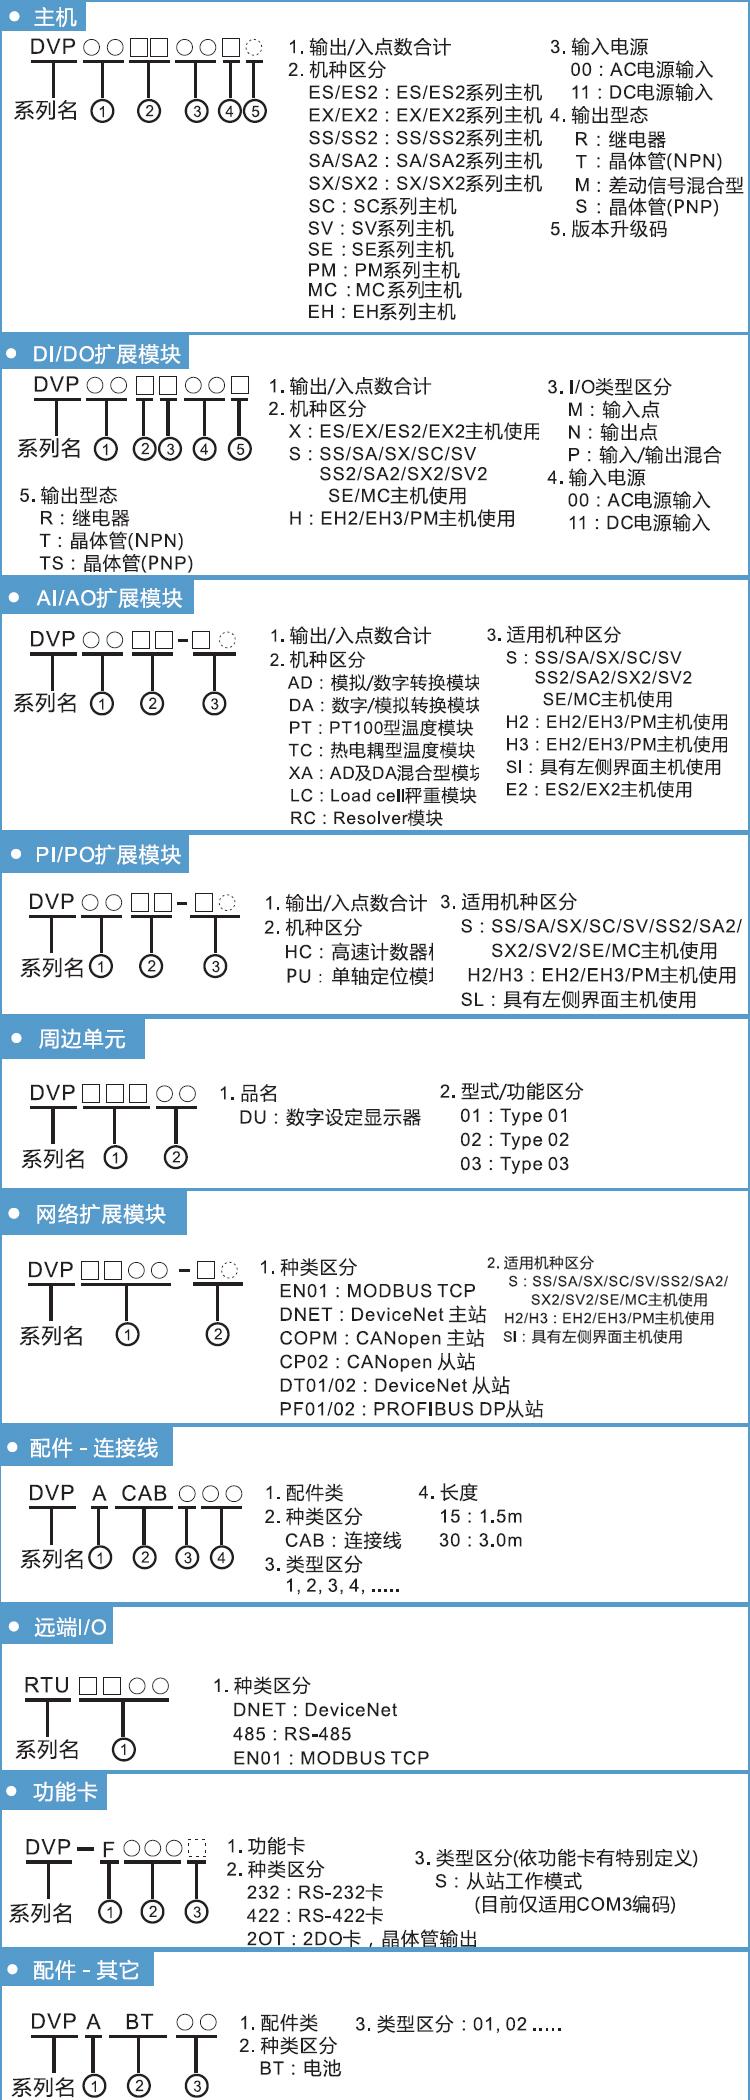 广西台达PLC DVP28SV11R2 台达plc代理商中电自动化